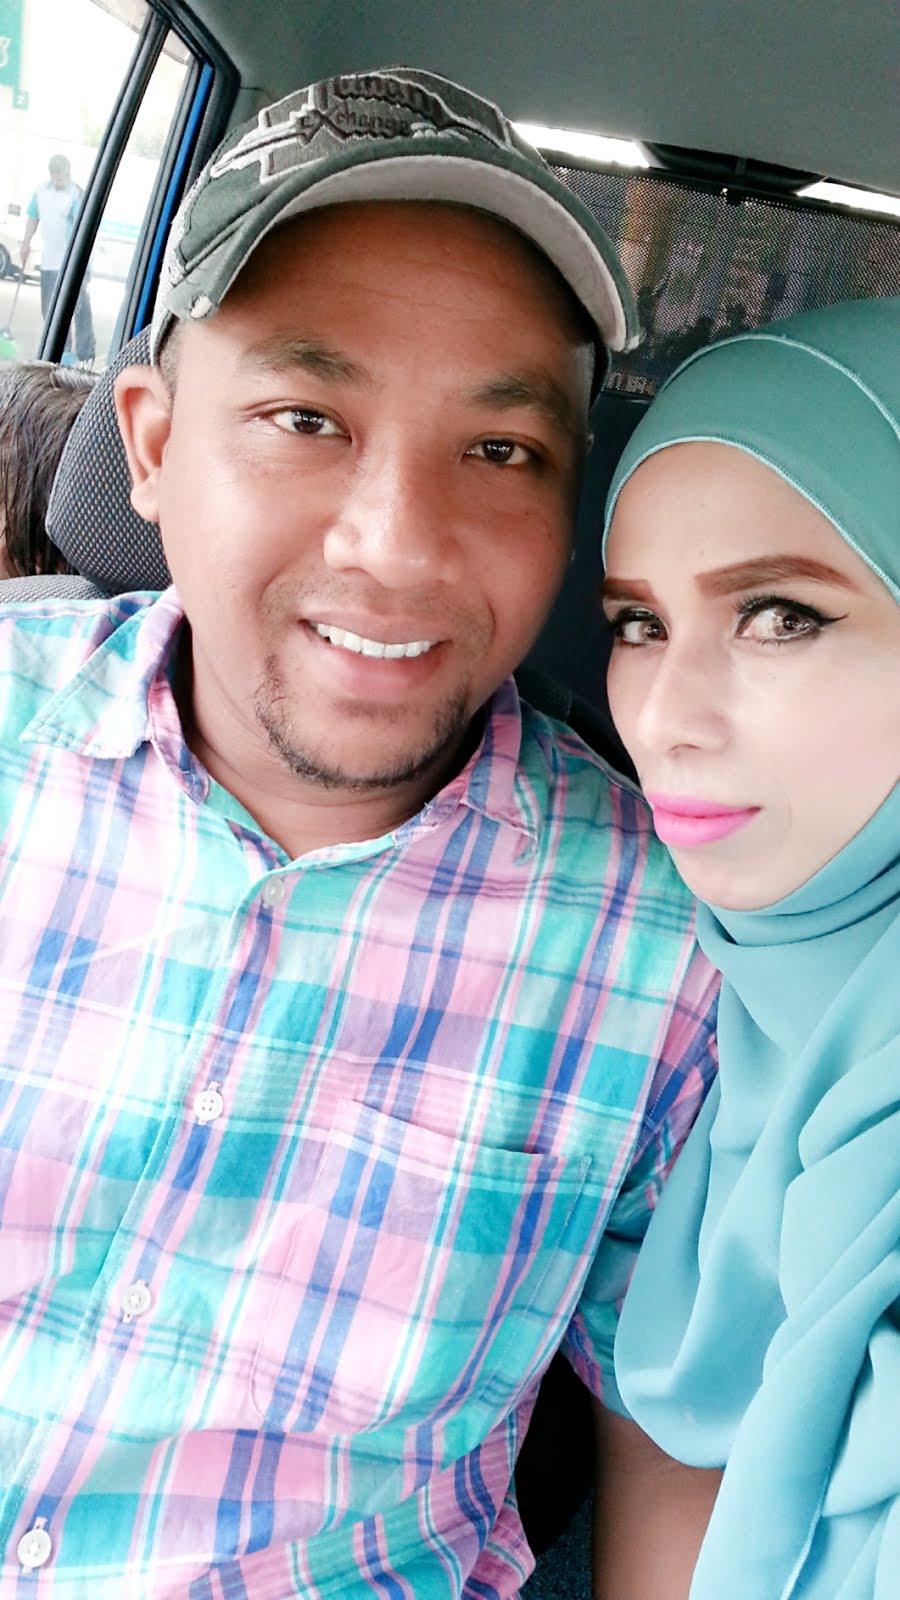 The Spouse